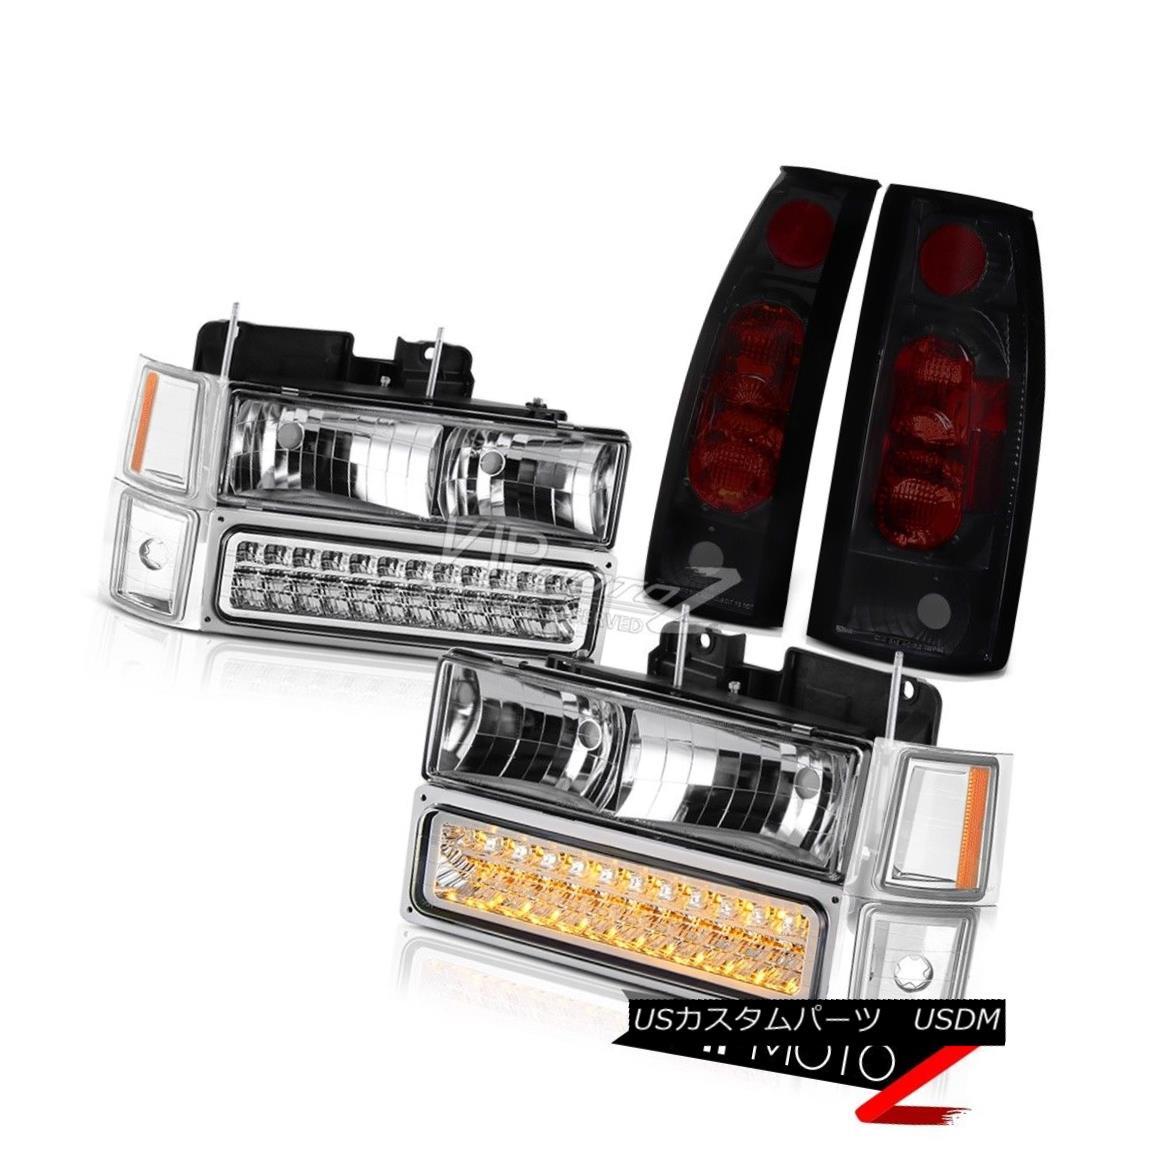 テールライト [Combo] Tahoe 95-99 Glass Headlamp Parking Corner Lights Rear Brake Tail Light [コンボ]タホ95-99ガラスヘッドランプパーキングコーナーライトリアブレーキテールライト